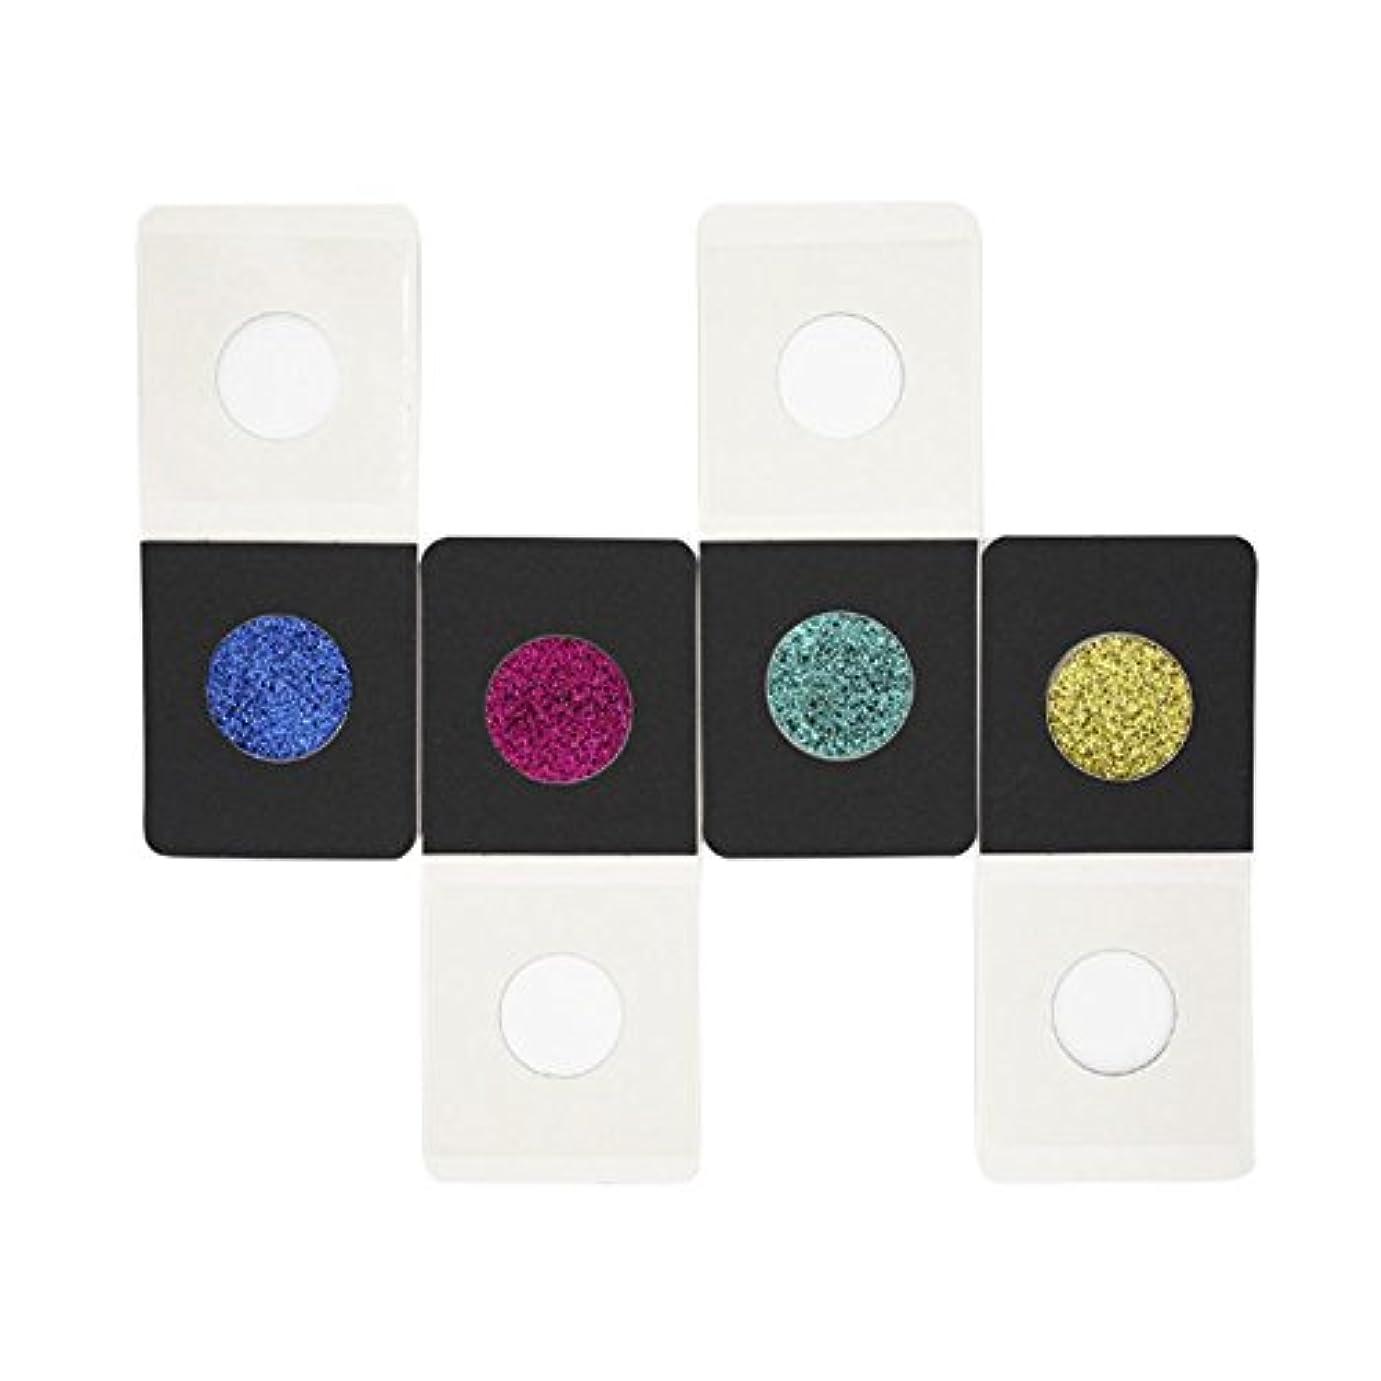 考えるコインフラフープアイシャドウPOPFEEL 9色アイシャドウパレット顔料シャイニングパウダーマットヌード化粧品美容メイク(5)